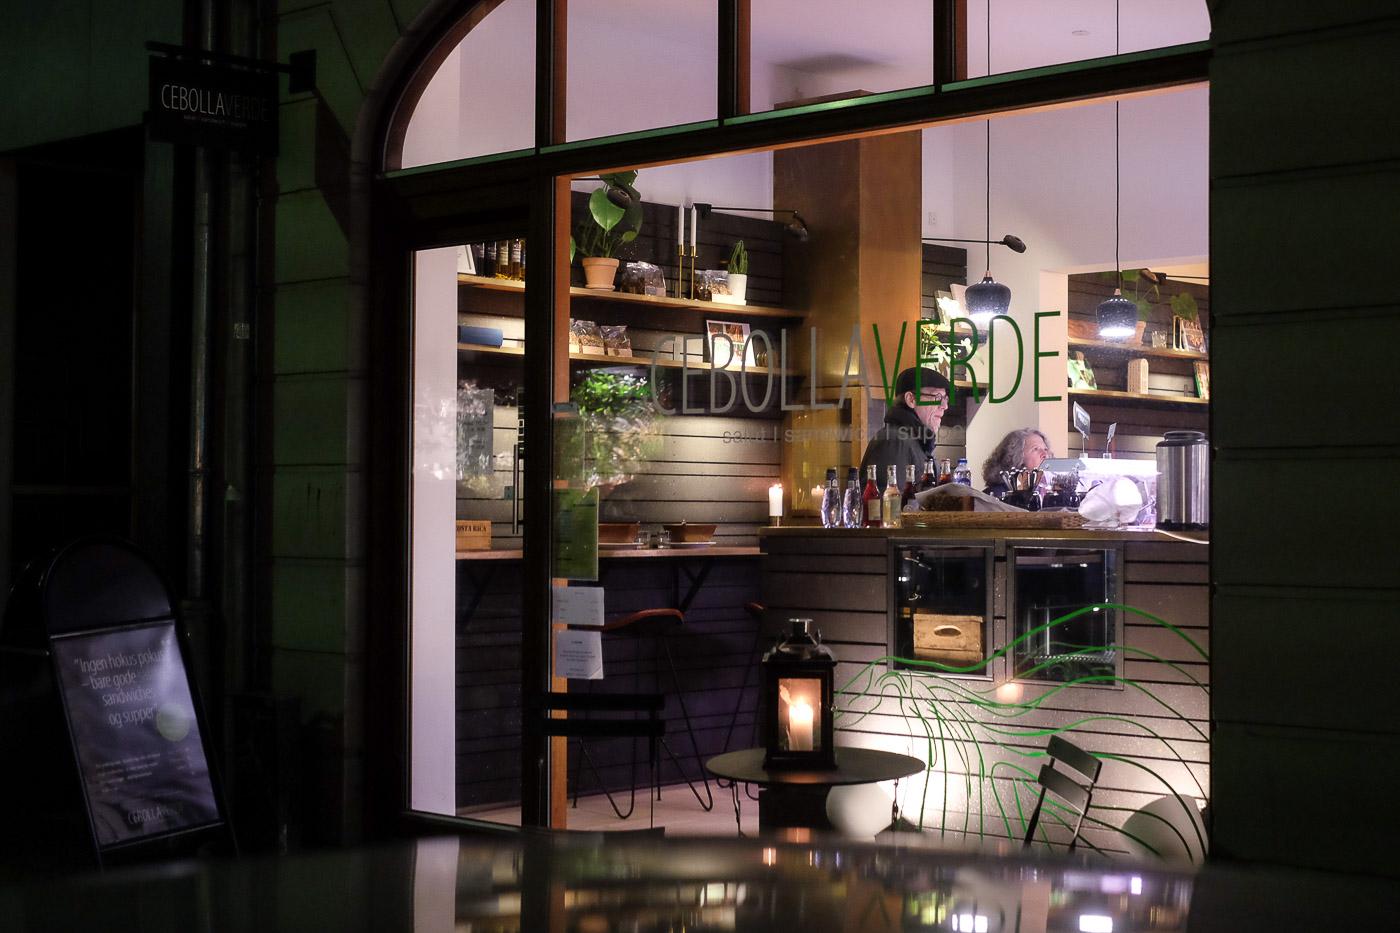 Cebolla Verde: Smagfuldt, med plads til forbedringer!